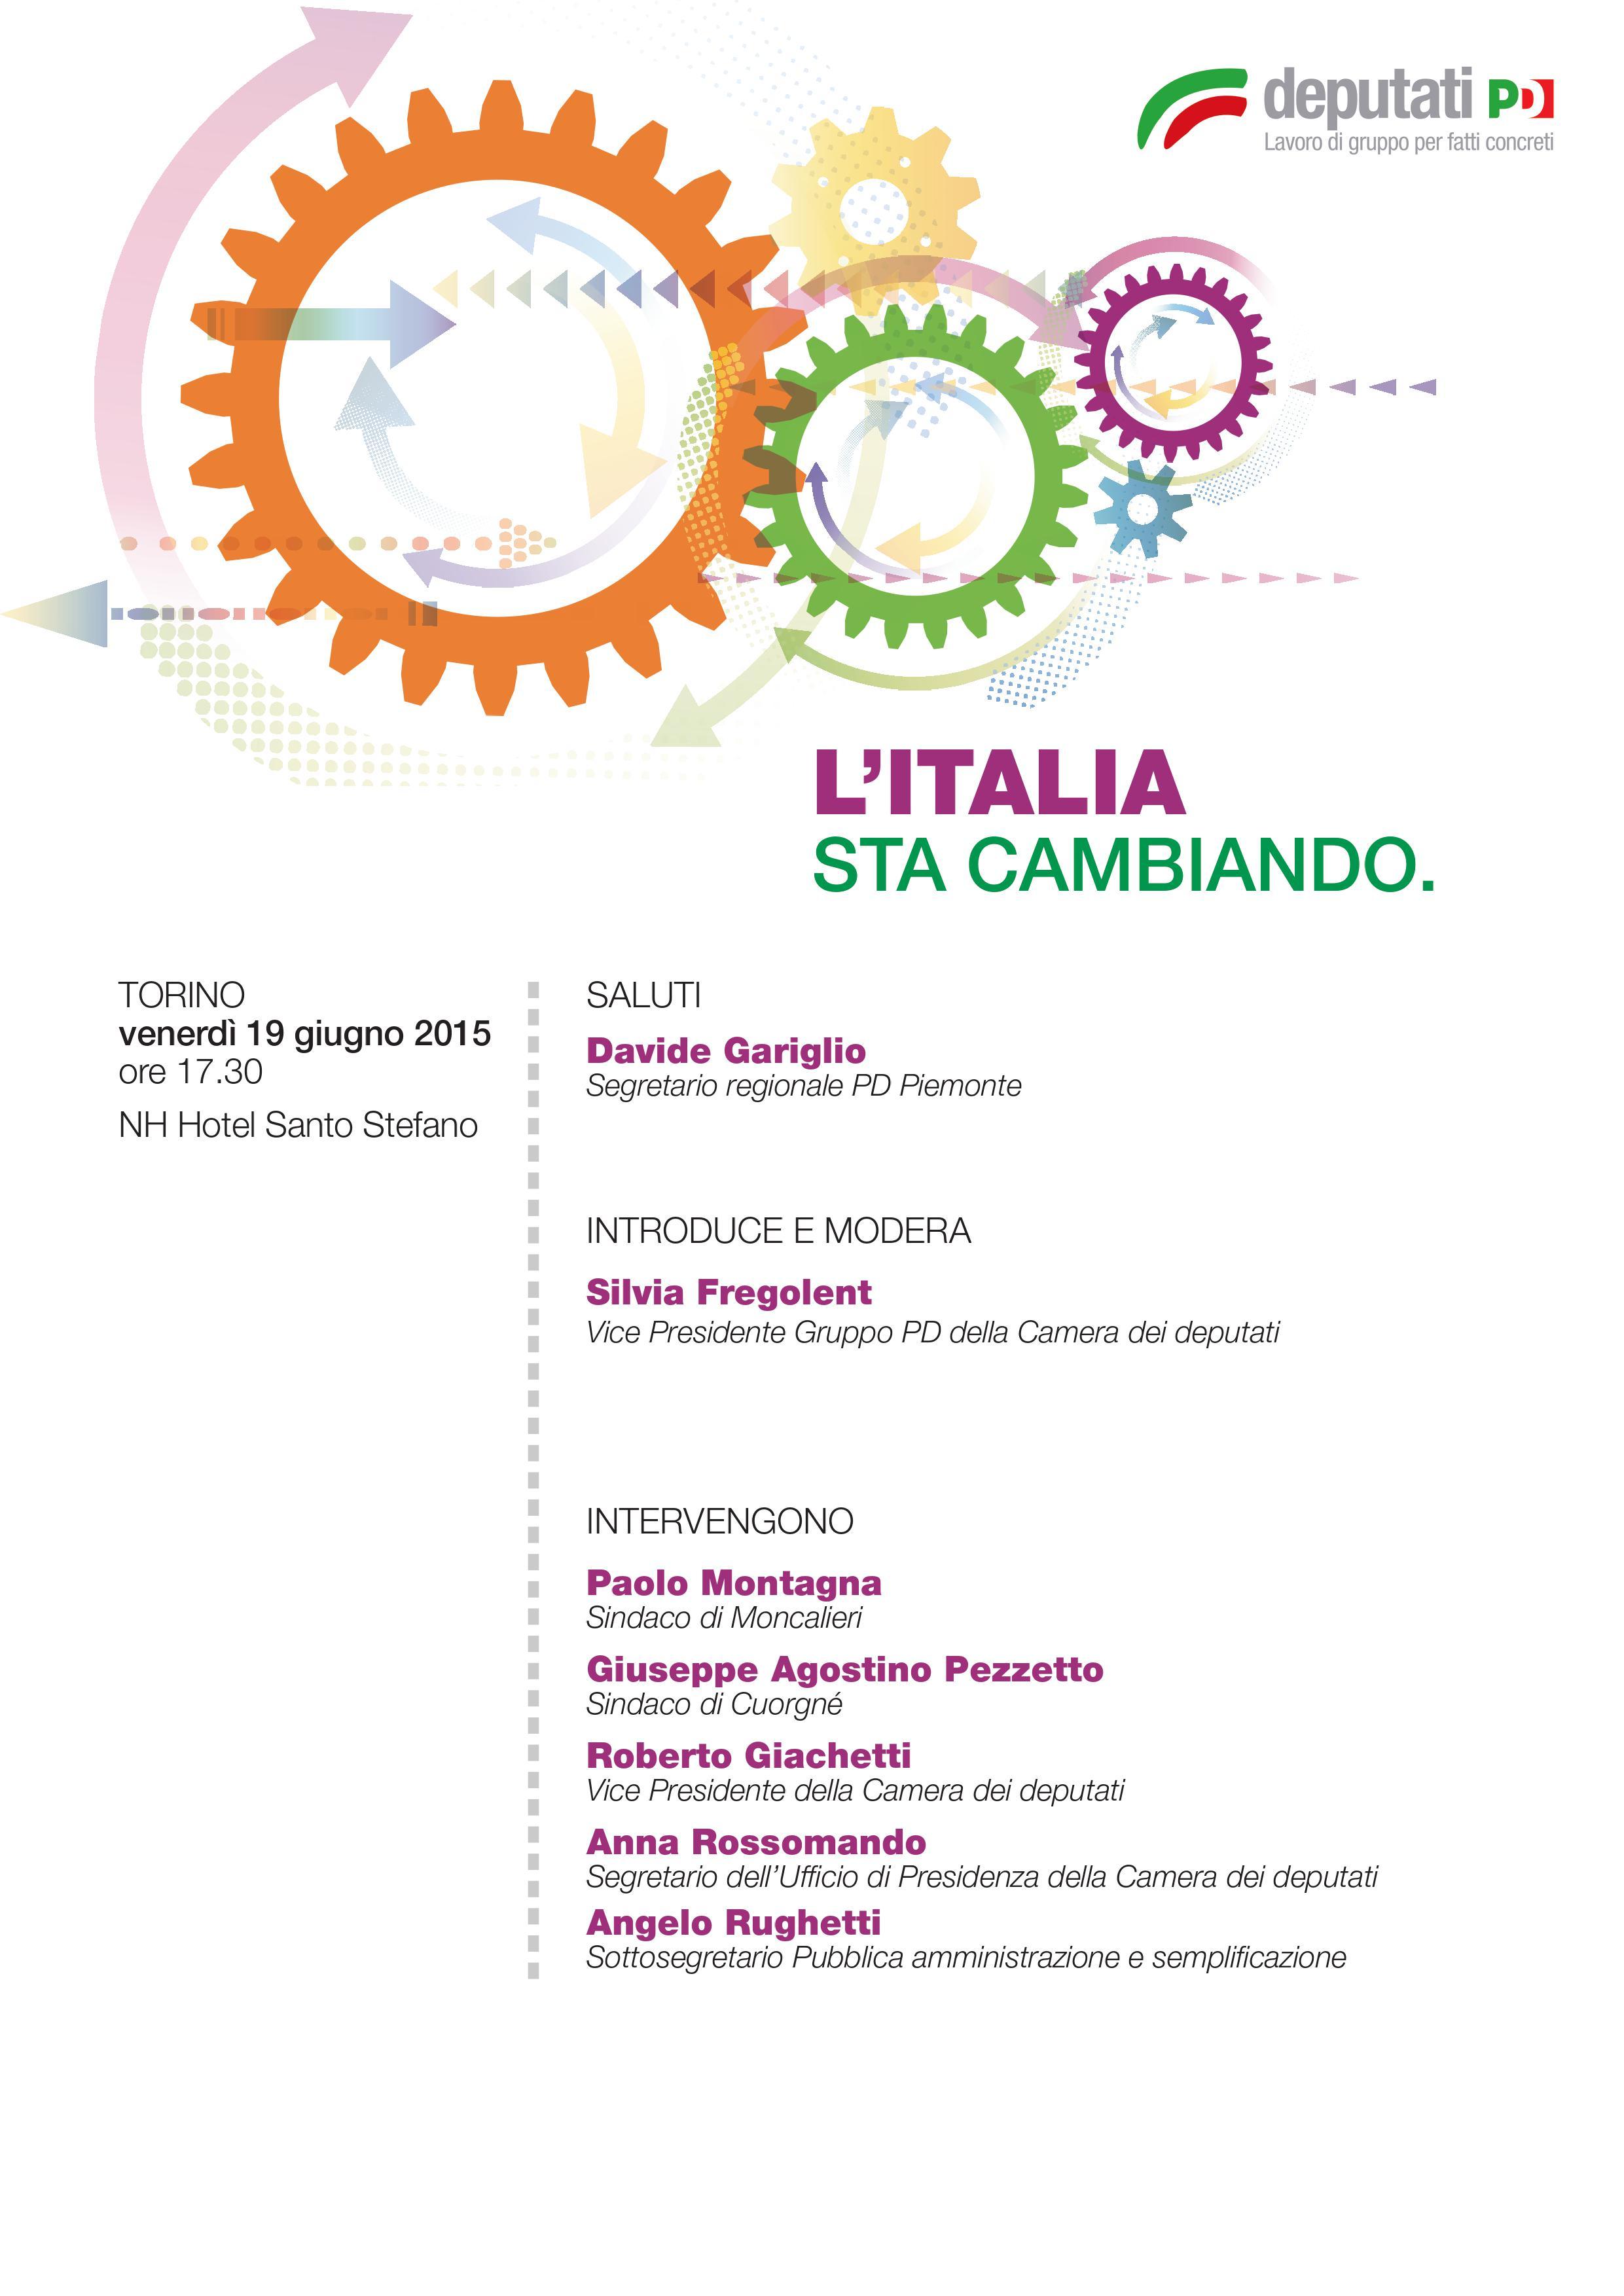 L'Italia sta cambiando_2015_06_19 (1)